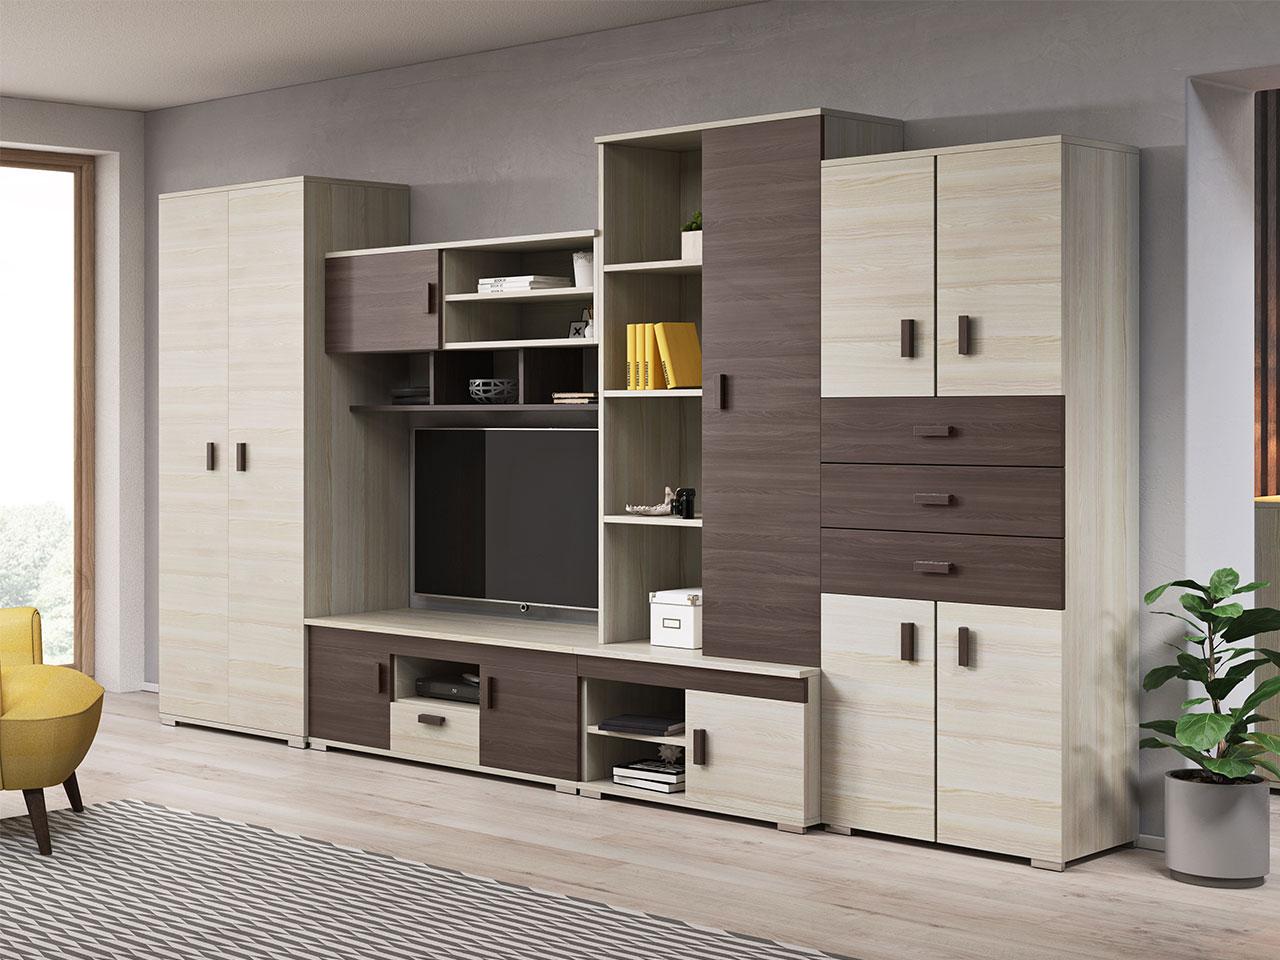 Details zu Wohnwand Gotha Modern Anbauwand mit Lowboard Wohnzimmer Design  Schrank Regal NEU